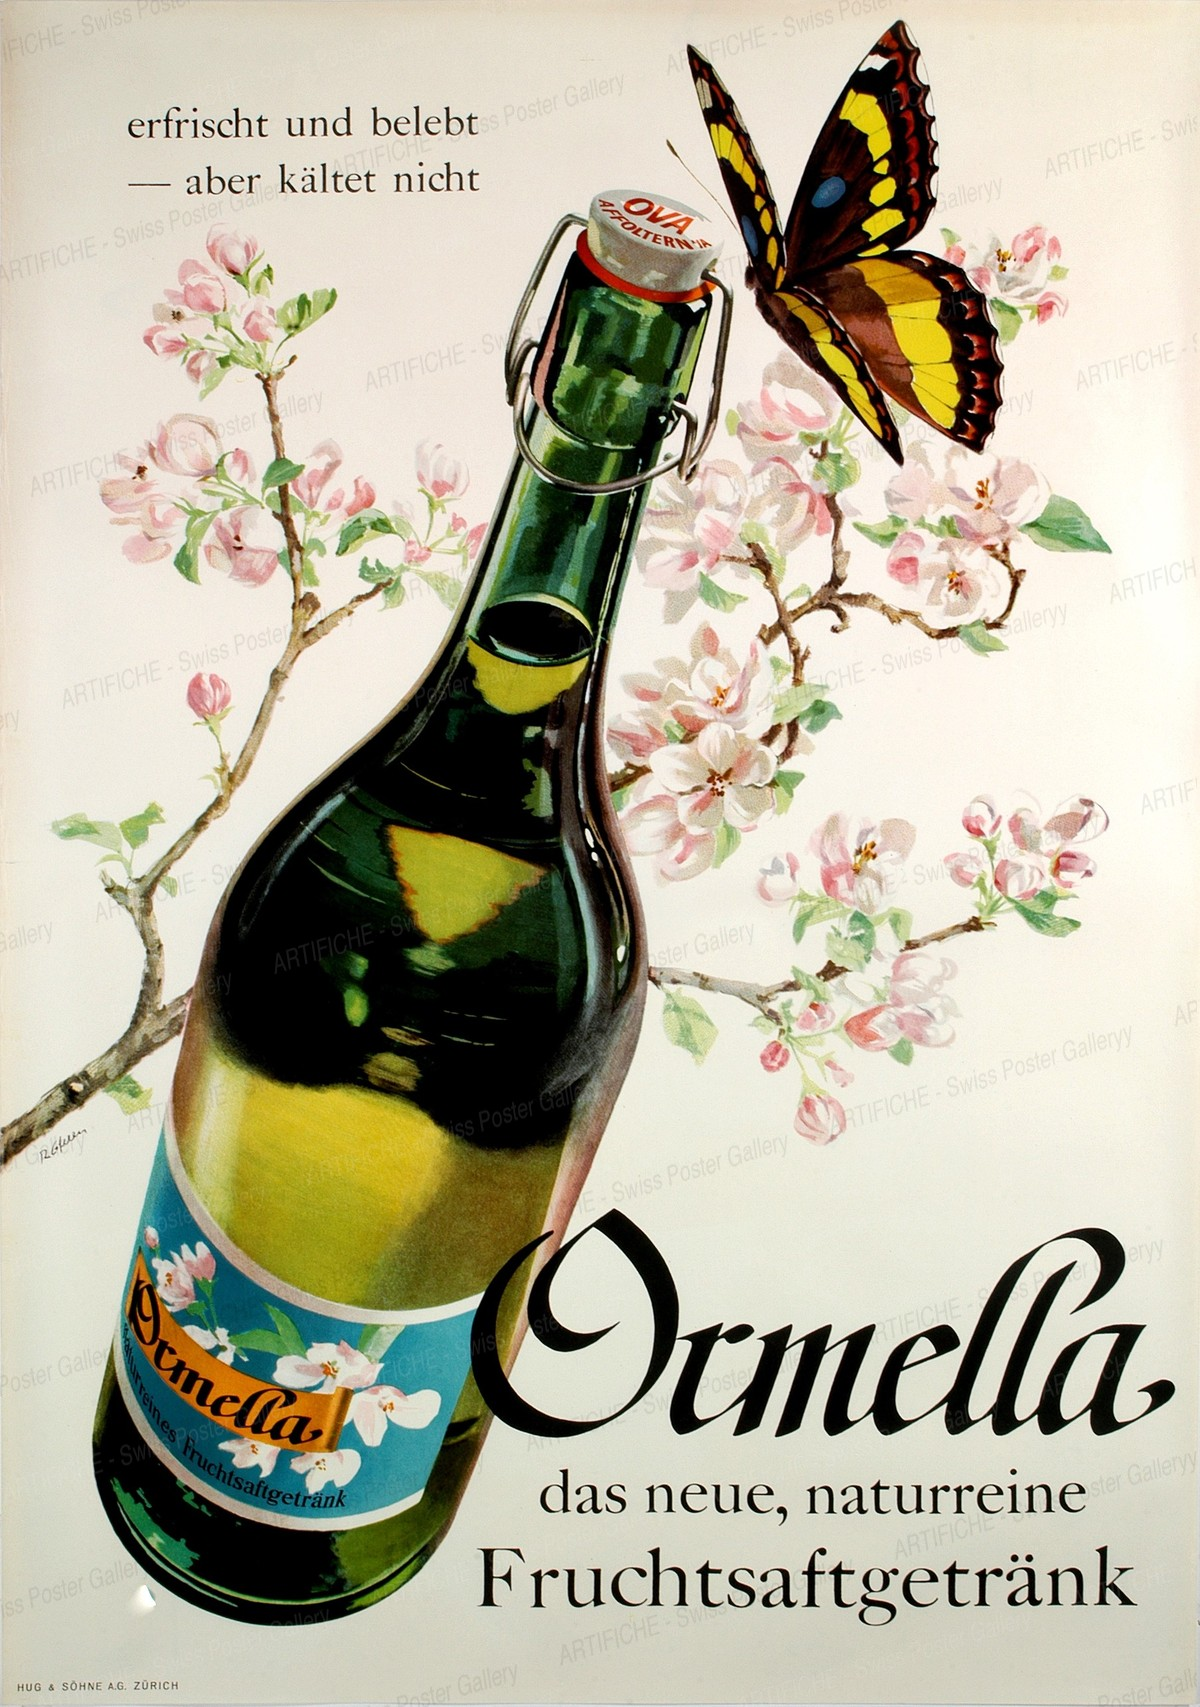 Ormella – Fruchtsaftgetränk, Rolf Gfeller